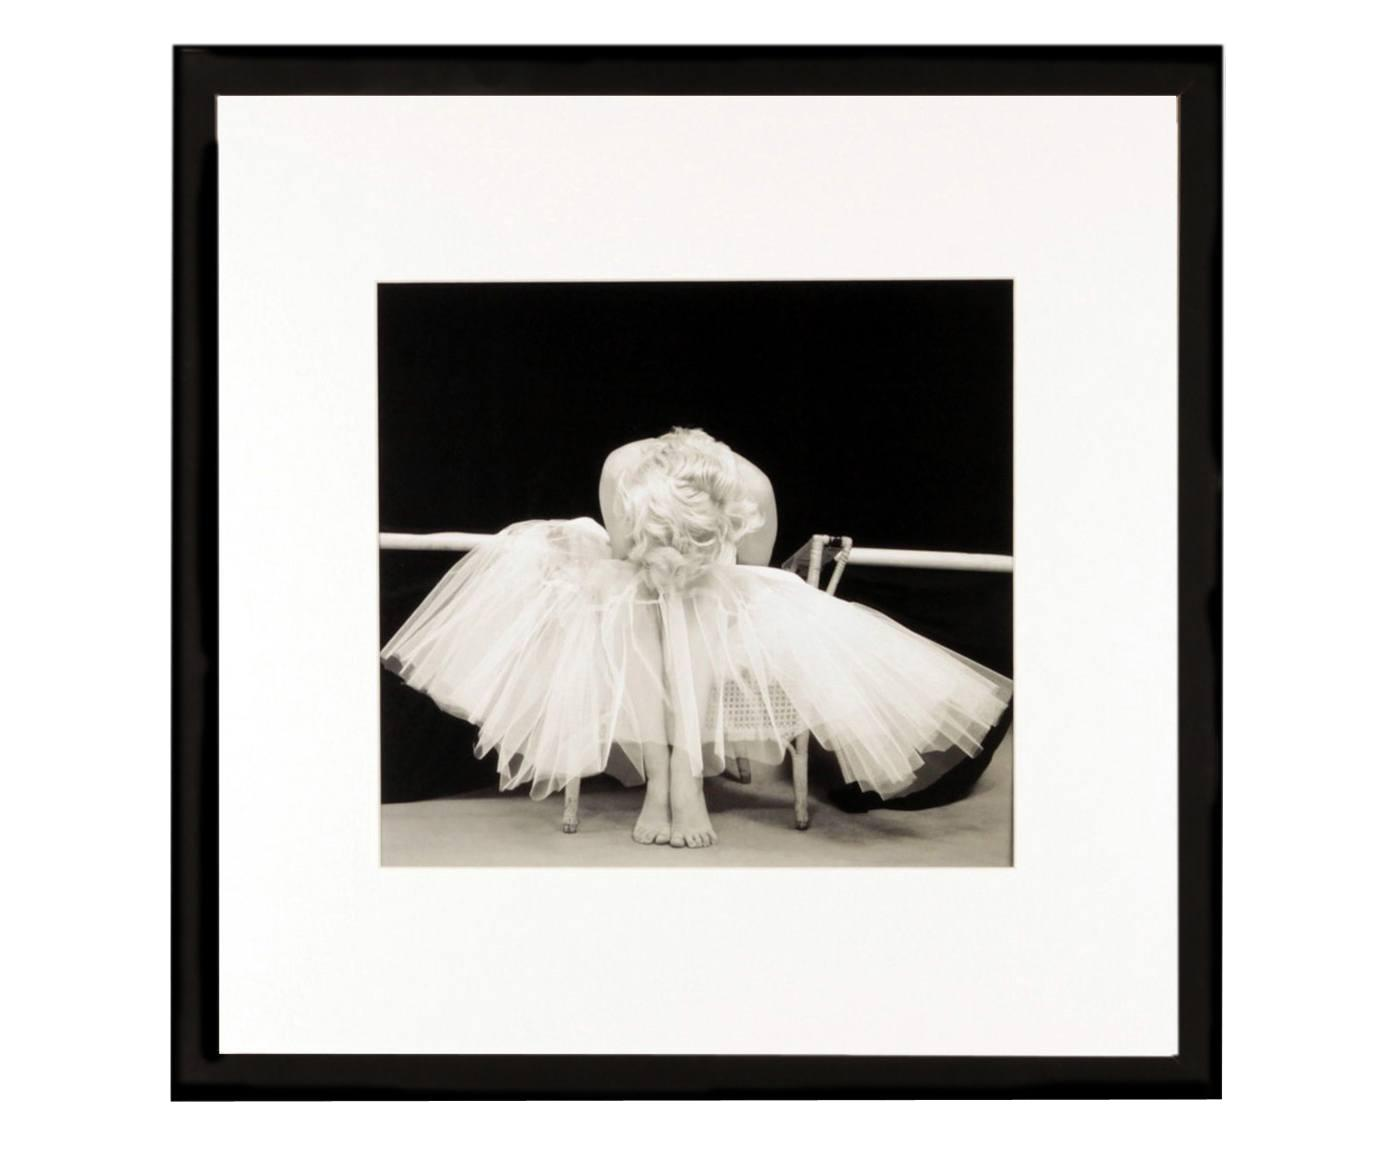 Ingelijste print Ballerina, Afbeelding: digitale afdruk, Frame: kunststof, Afbeelding: zwart, wit. Lijst: zwart, 40 x 40 cm